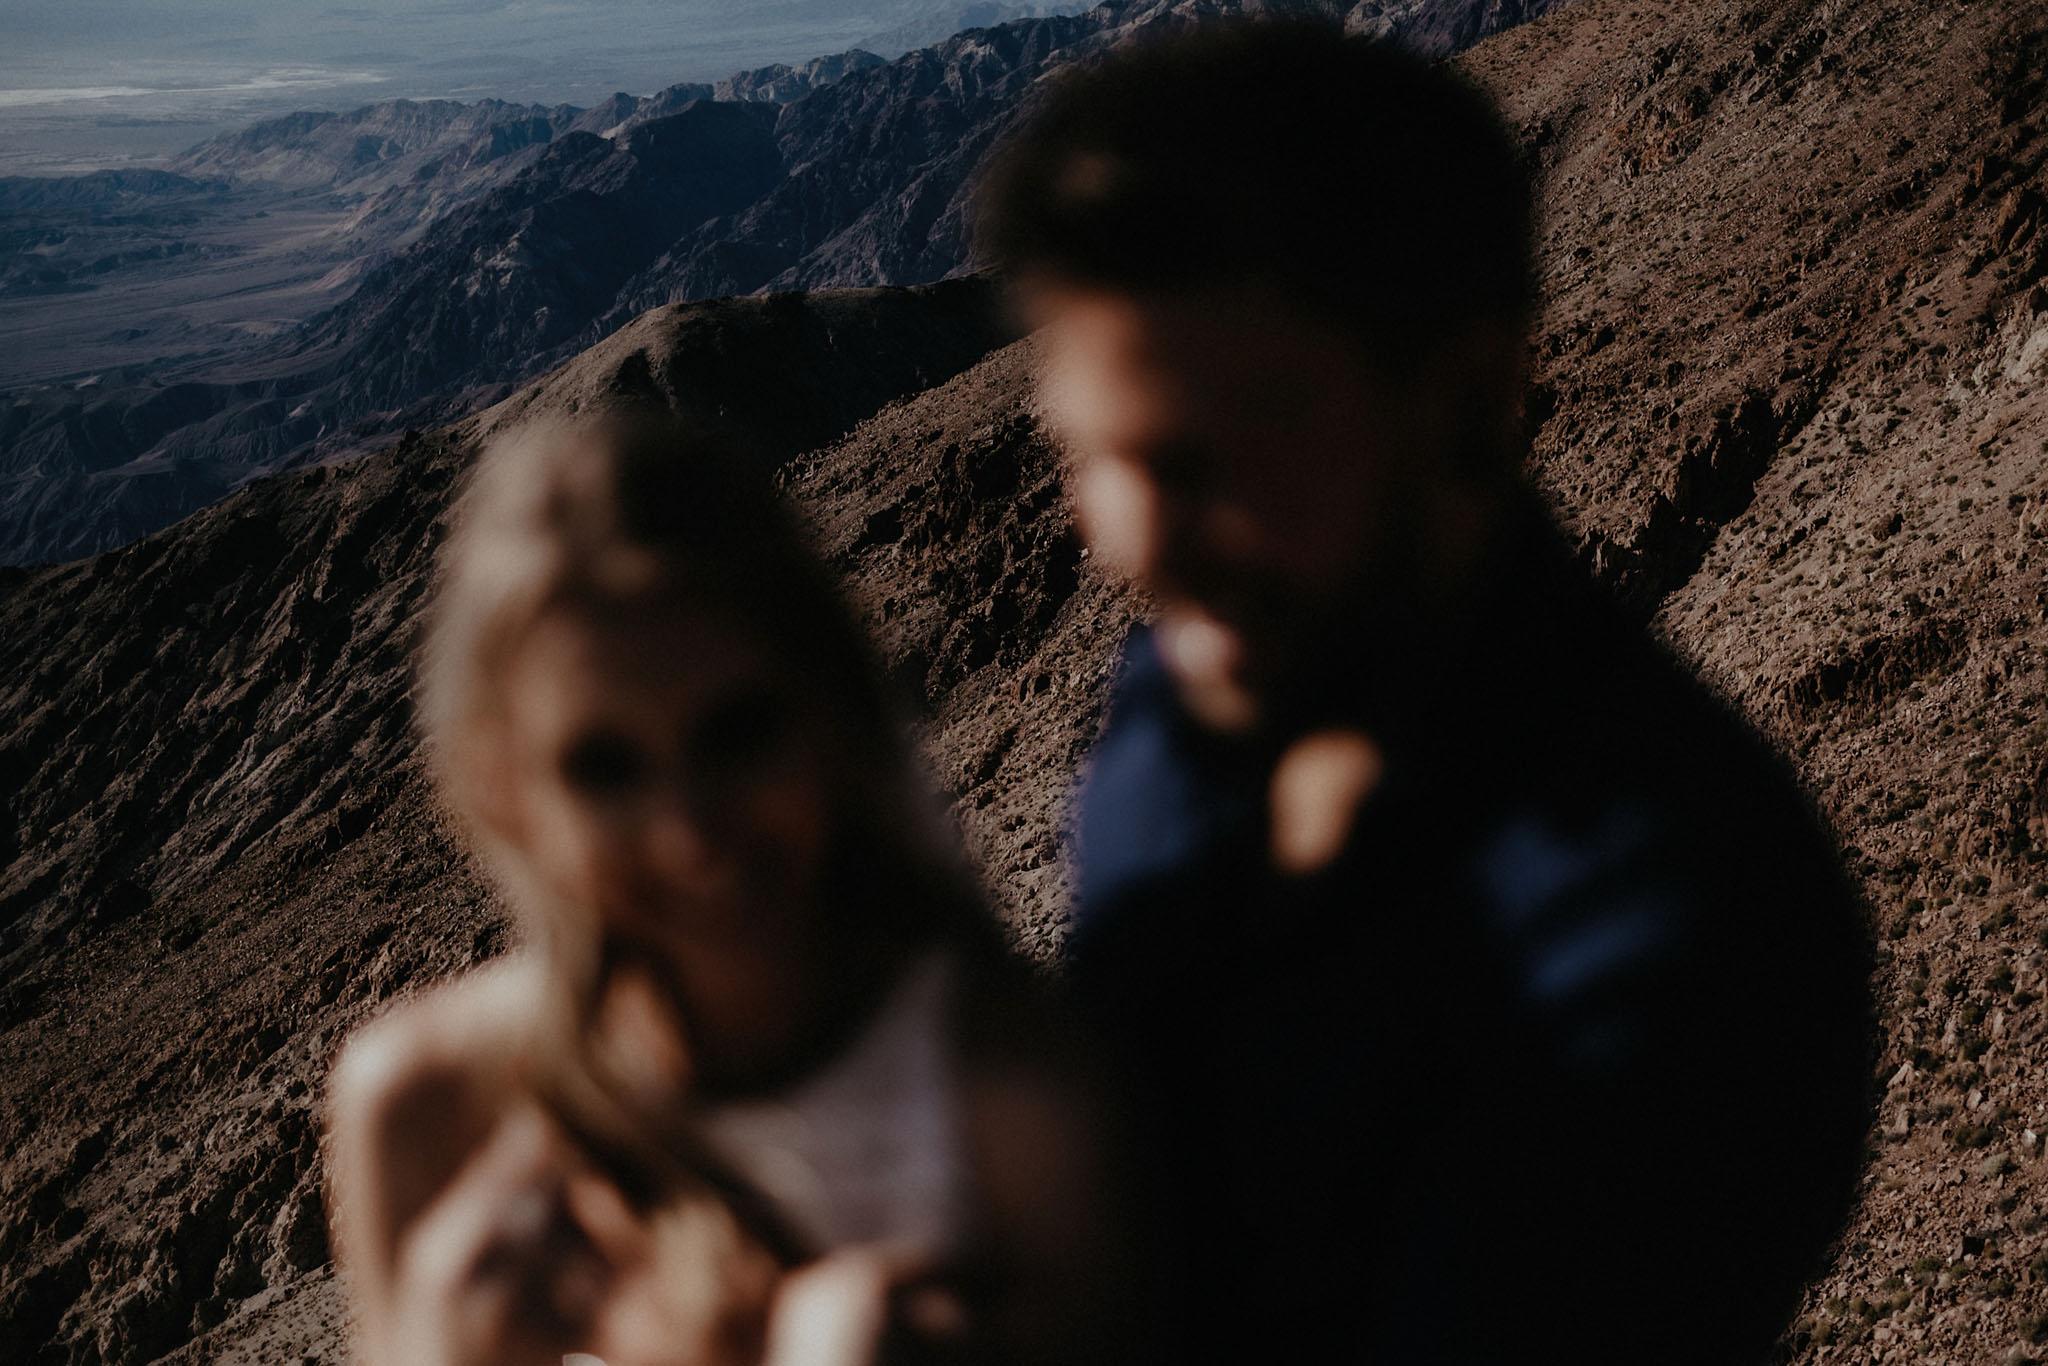 death valley adventure elopement wedding photographer national park couple portrait photo